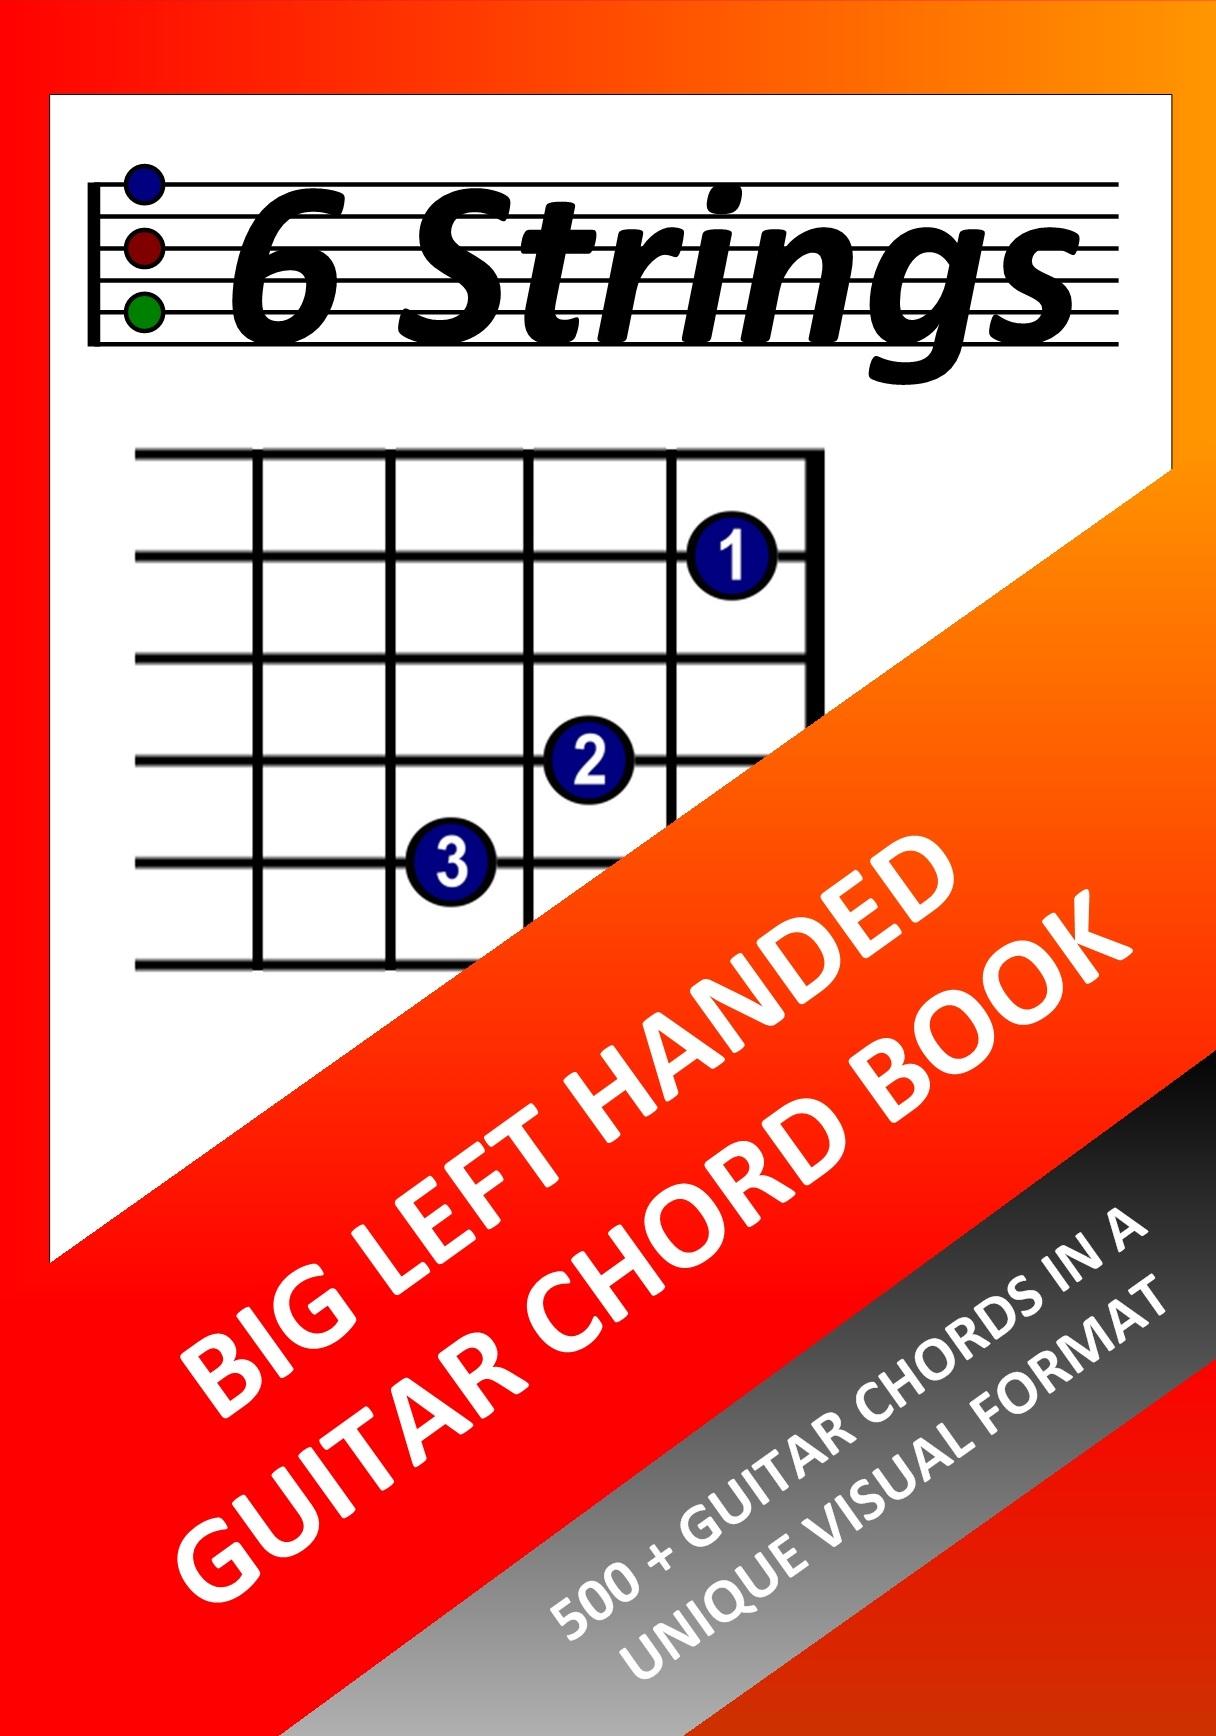 Smashwords Big Left Handed Guitar Chord Book 500 Guitar Chords